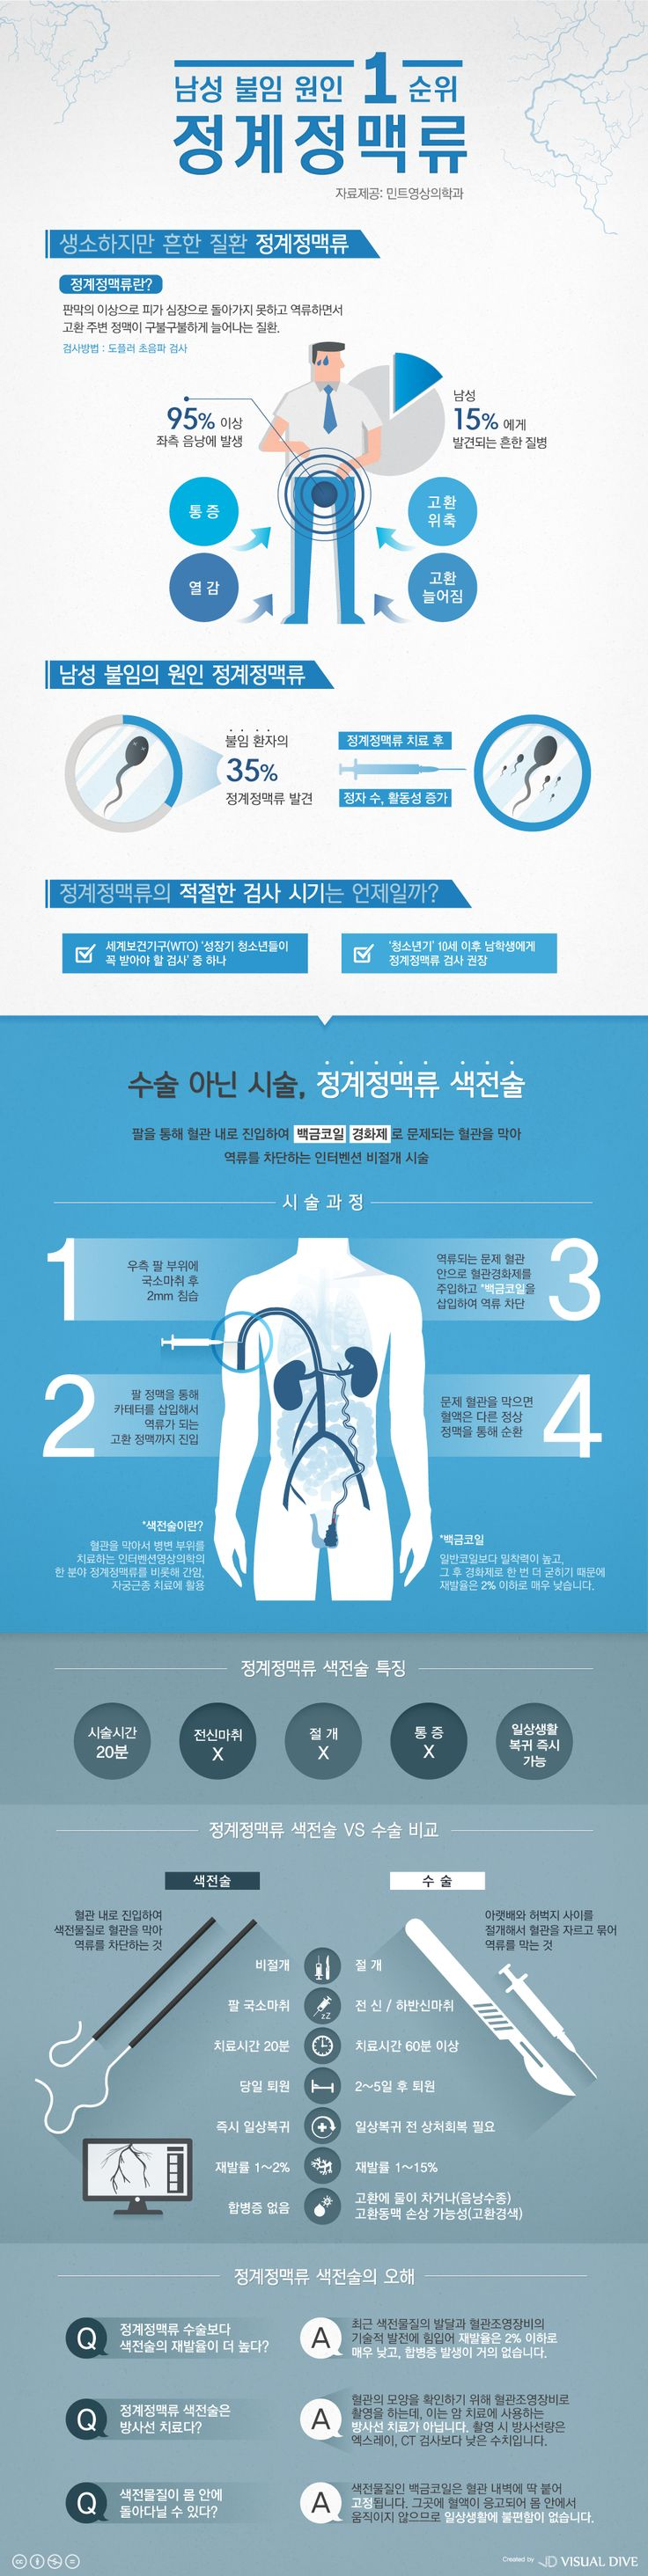 남성 불임 원인은 정계정맥류…수술 없이도 치료 가능하다 [인포그래픽] #varicocele / #Infographic ⓒ 비주얼다이브 무단…